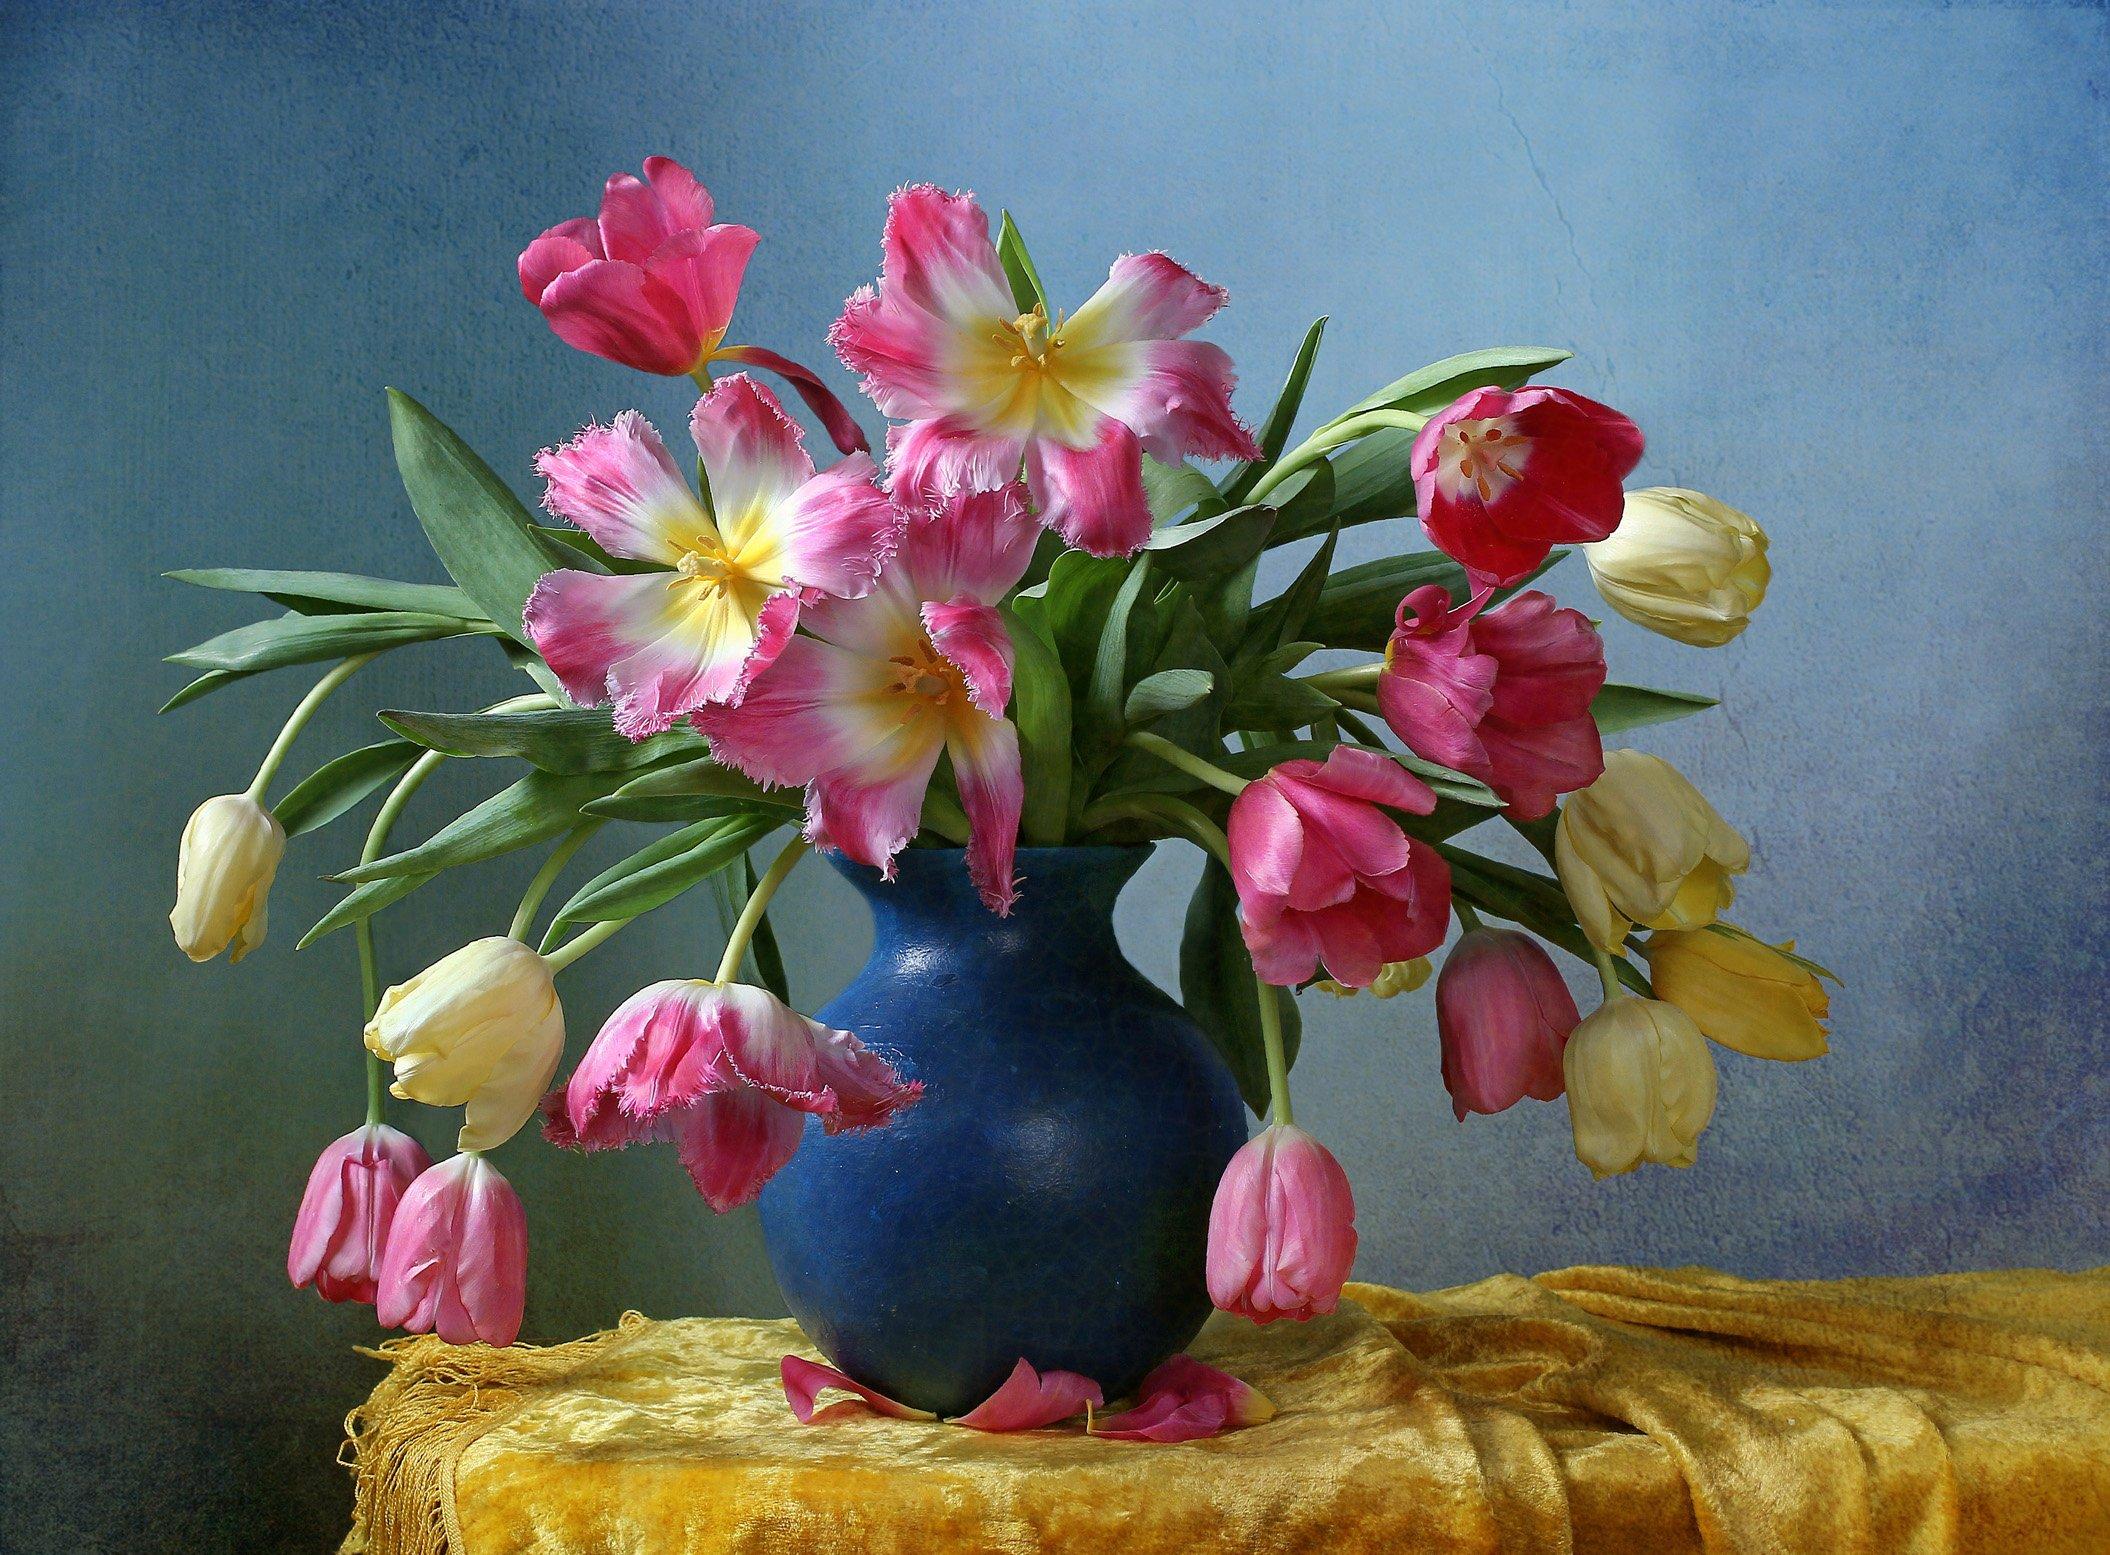 весна, натюрморт, букет цветов, тюльпаны, марина филатова, Филатова Марина